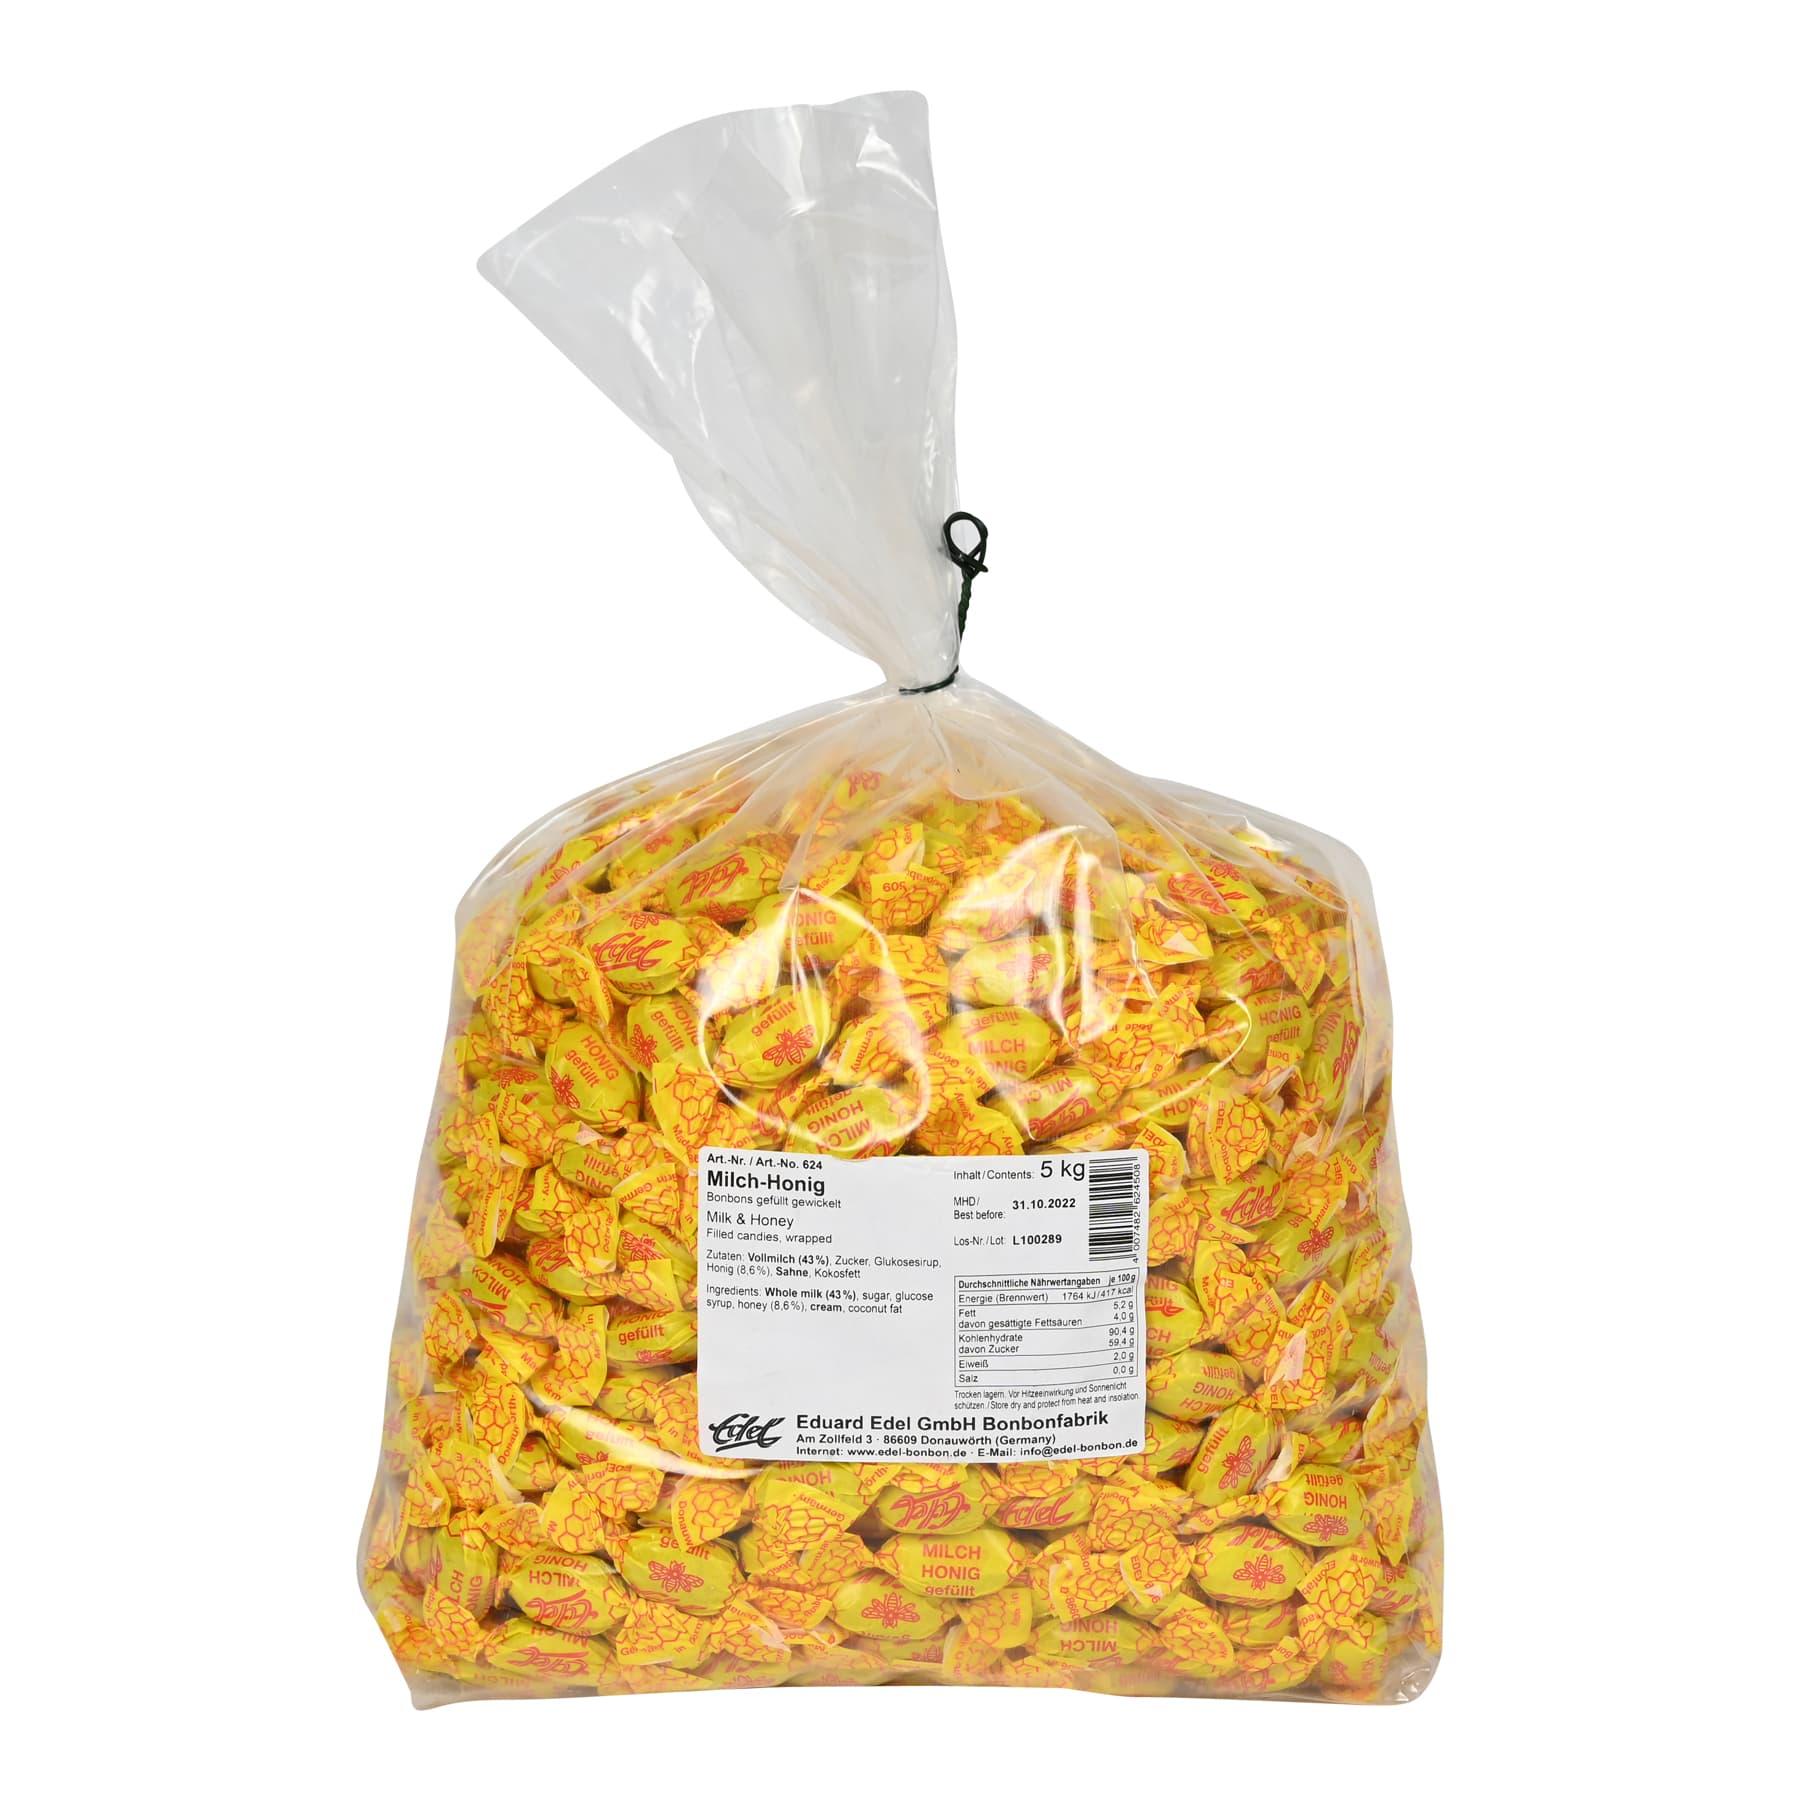 """Honigbonbon """"Milch und Sahne"""" gefüllt, im 5 kg Beutel"""